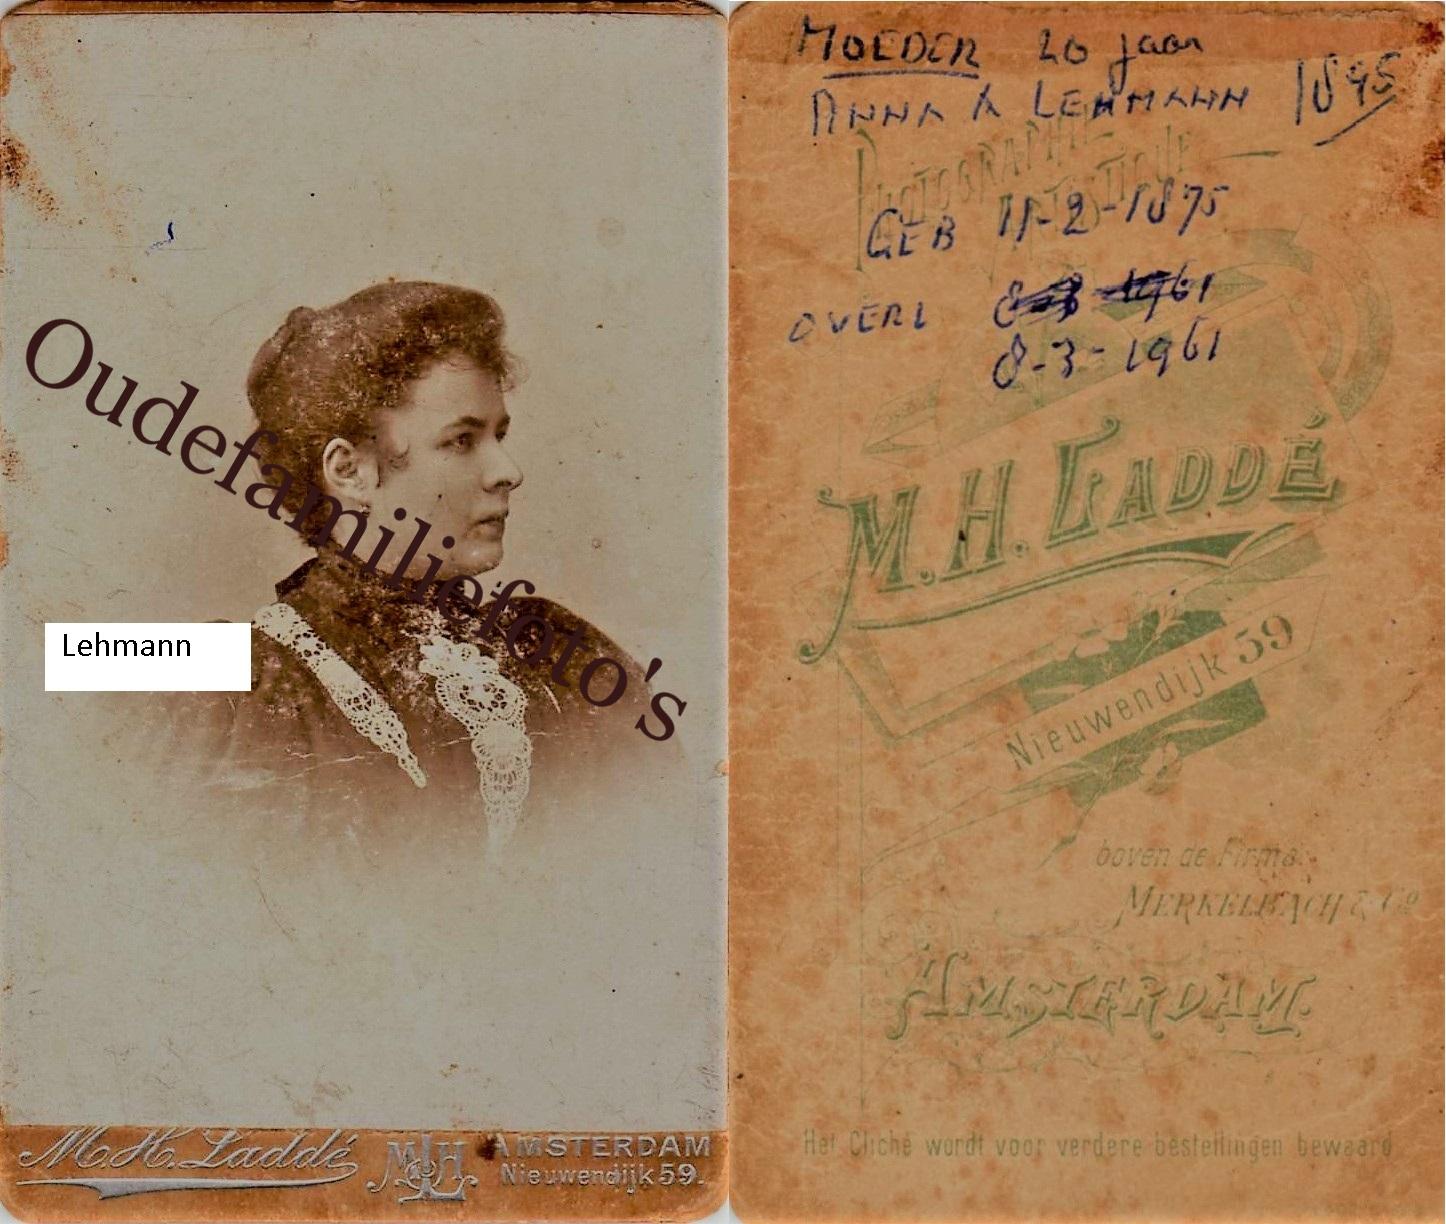 Lehmann, Anna Augusta. Geb. 11-2-1875 Arnhem. Getrouwd 7-1-1897 Amsterdam met Ekhard Dulfer. € 2,00